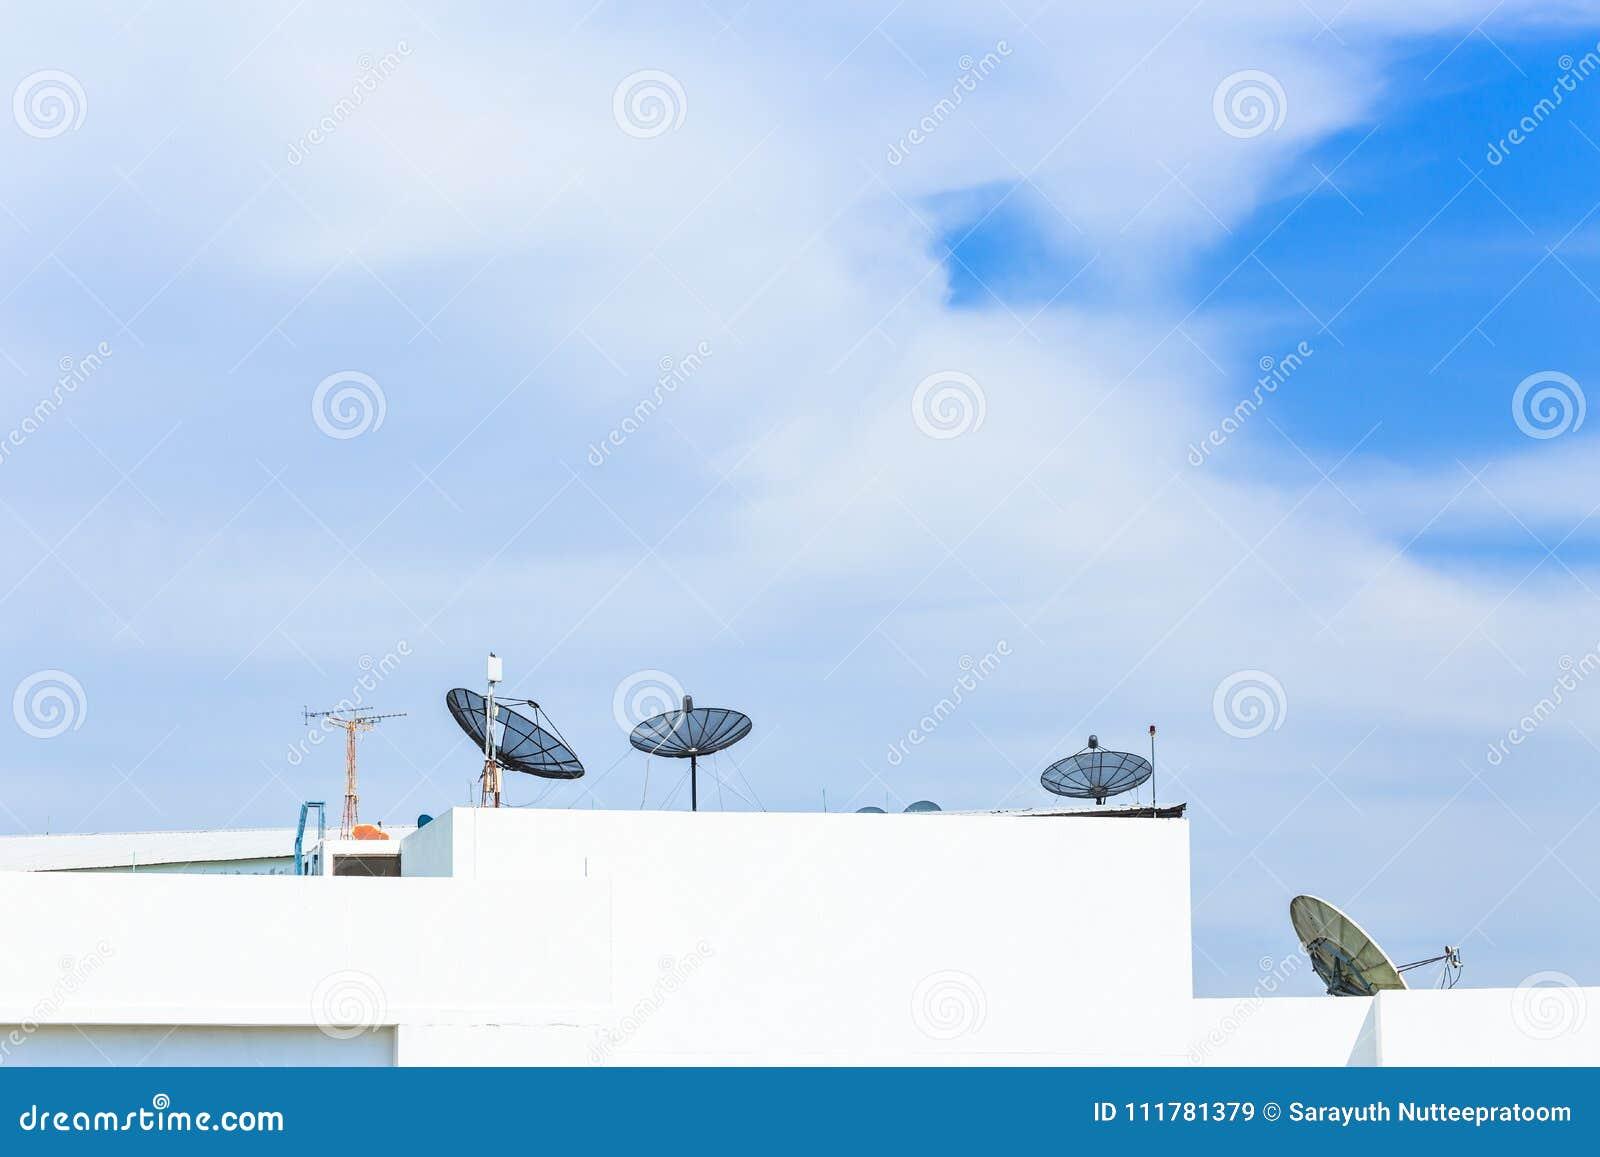 Δορυφορική κεραία πιάτων πάνω από το κτήριο στη αστική περιοχή στο ν